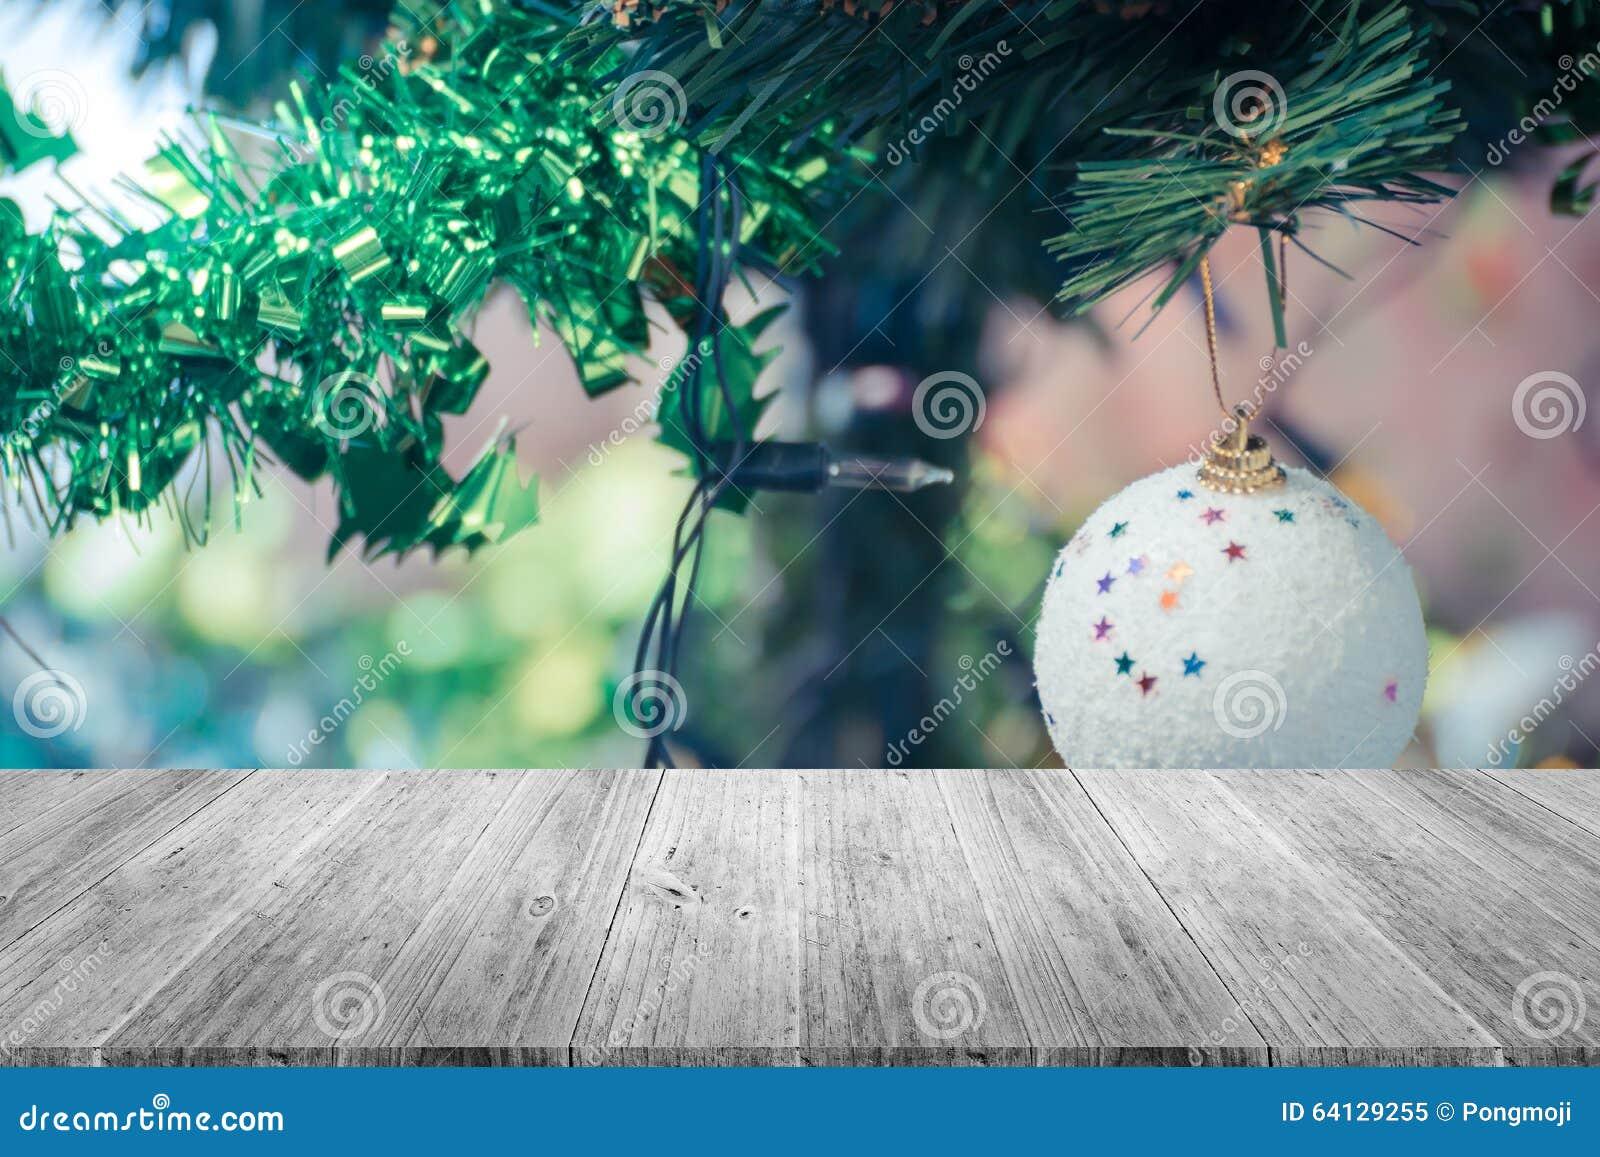 Decorazioni In Legno Per Albero Di Natale : Decorazione terrazzo e dell albero di natale di legno processo in